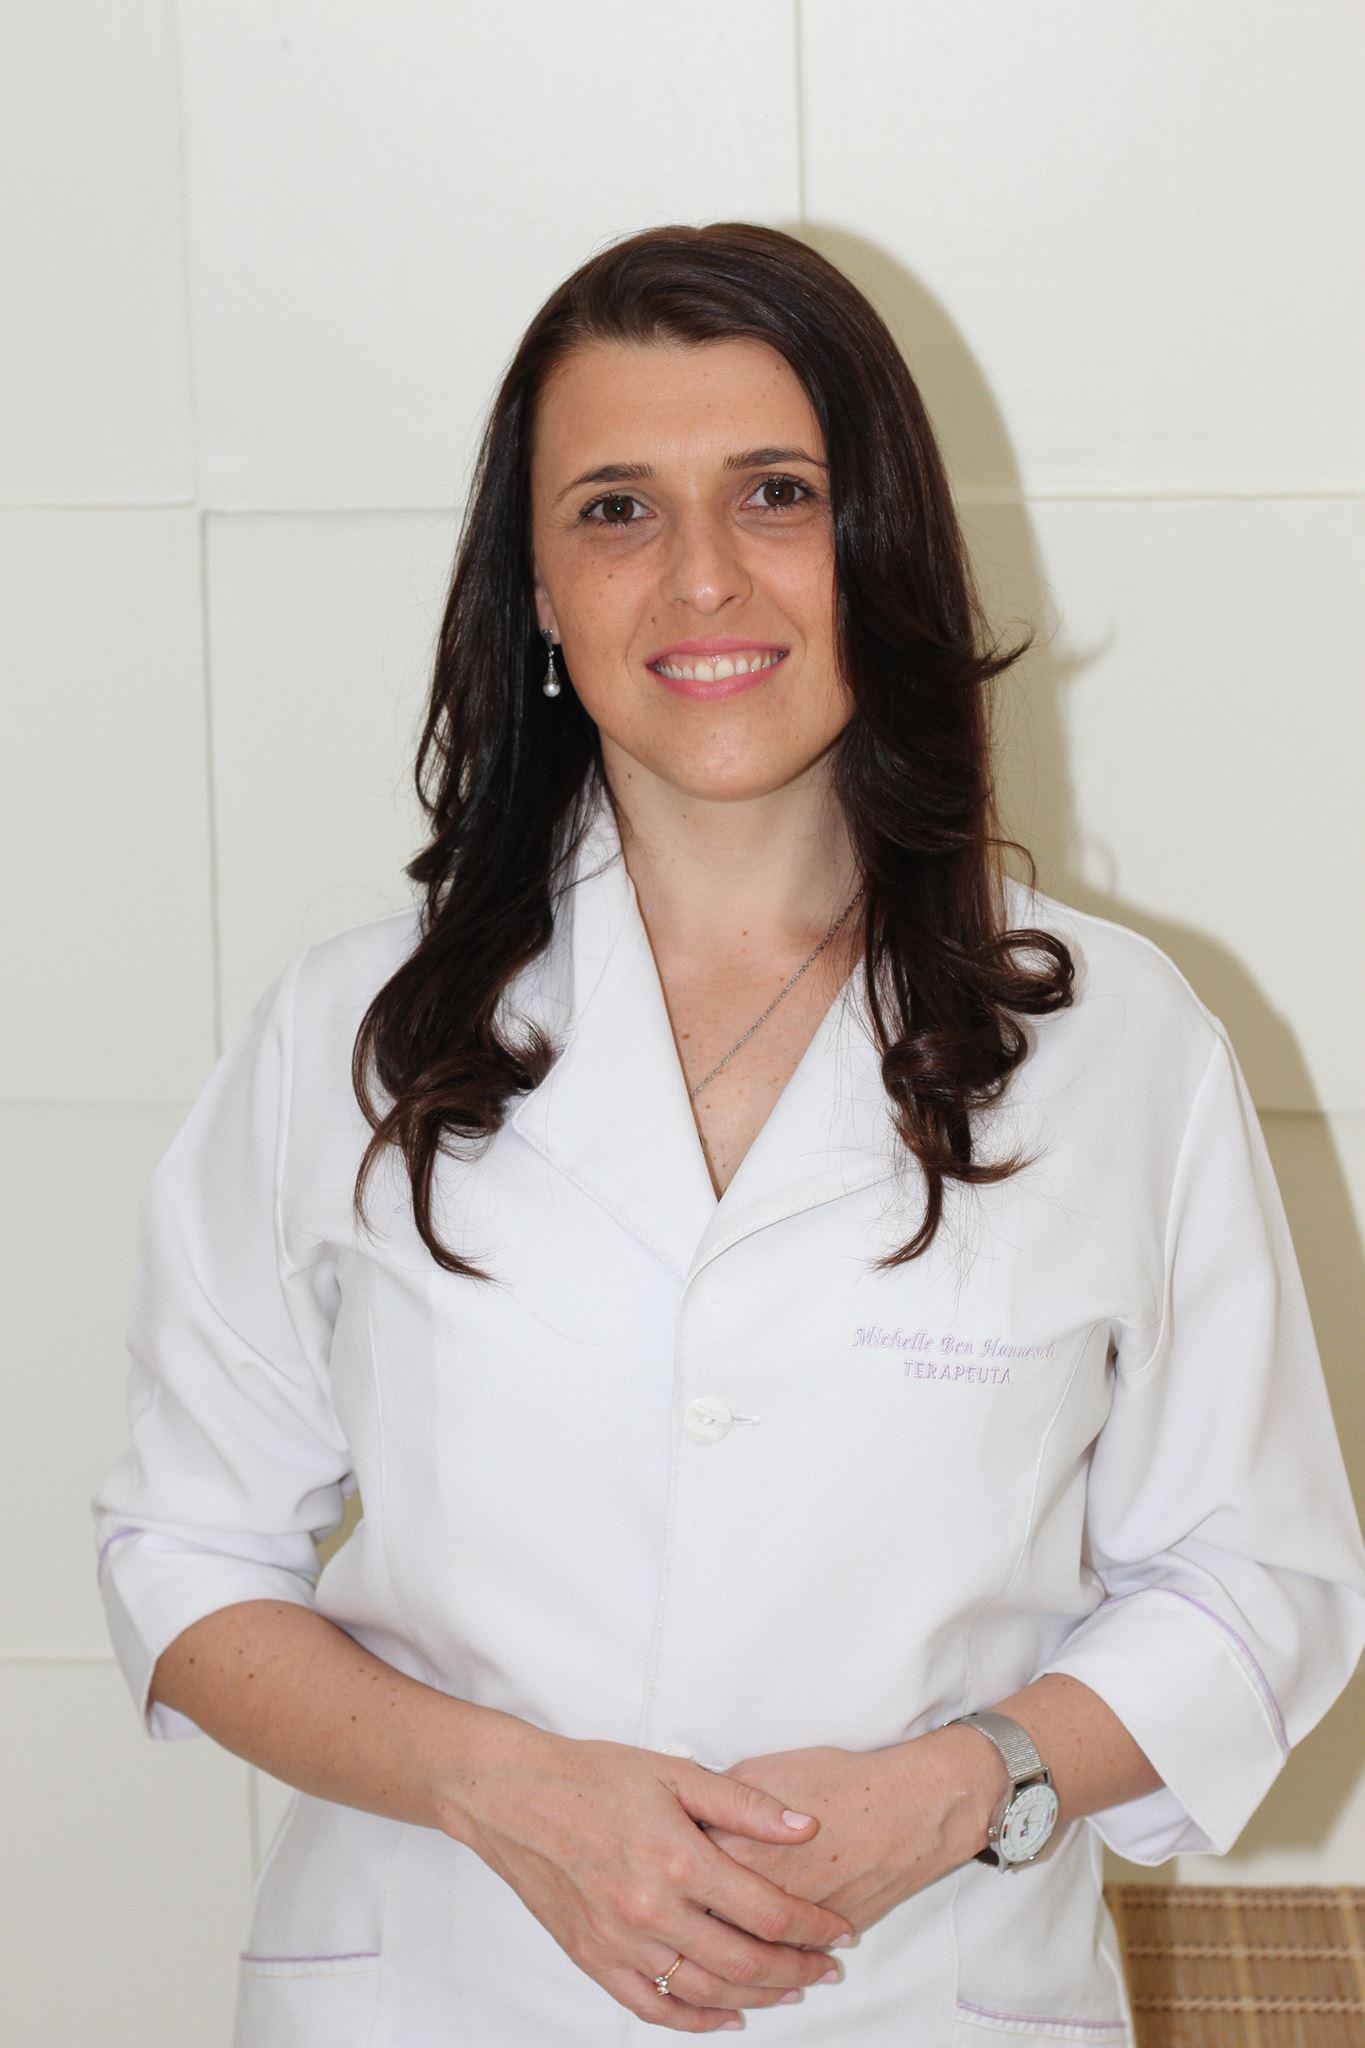 Michelle Hannesch